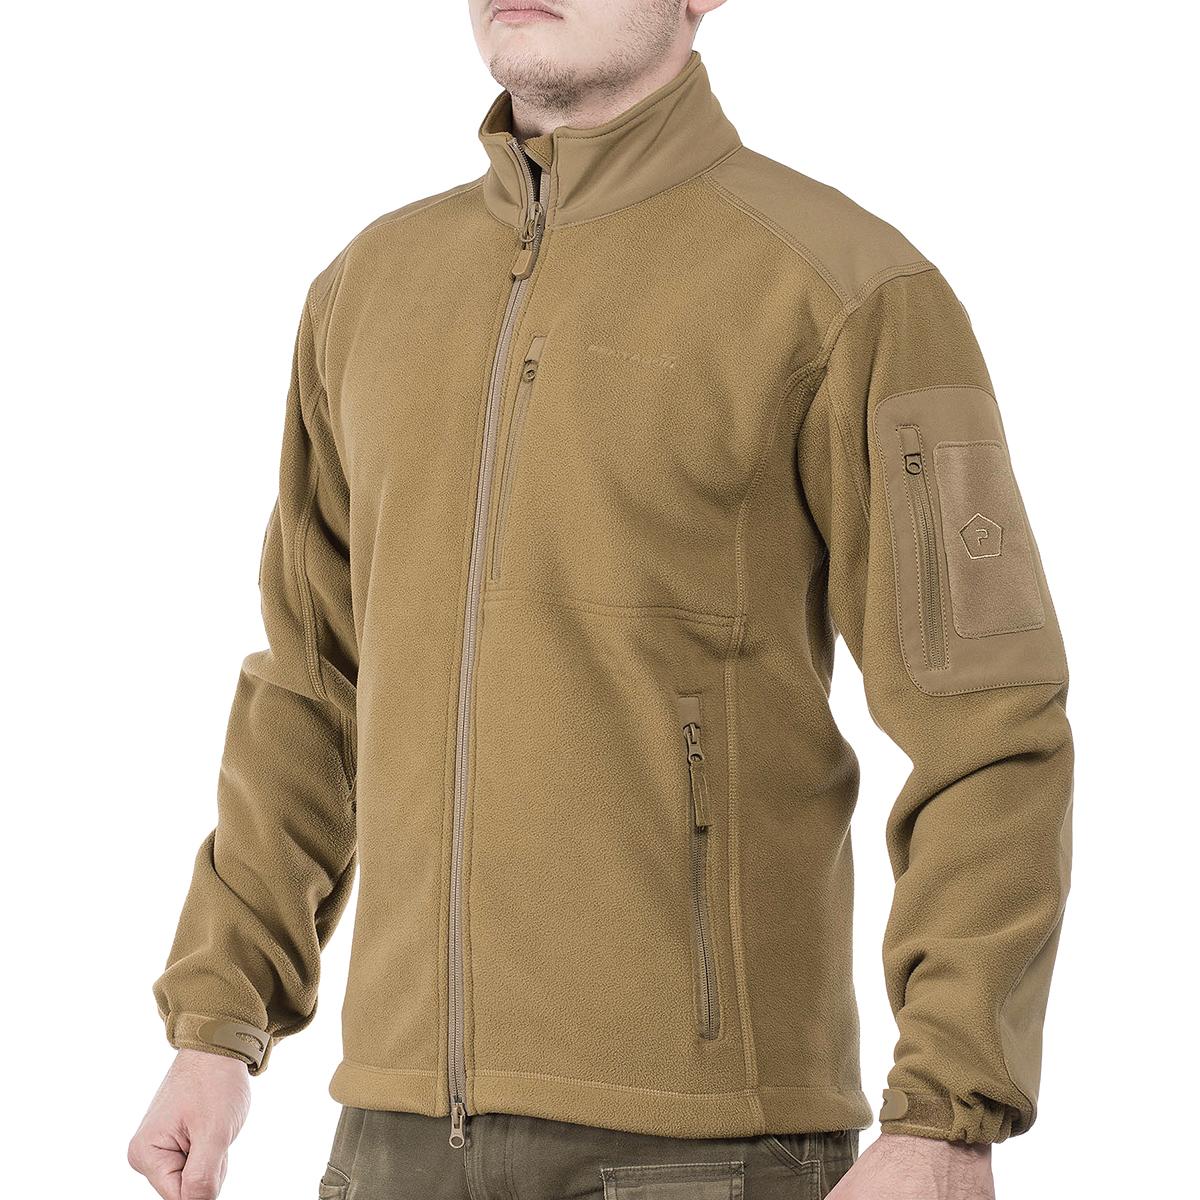 Sentinel Pentagon Perseus Fleece Jacket 2.0 Warm Mens Military Patrol Duty Coat  Coyote b2d6379f456